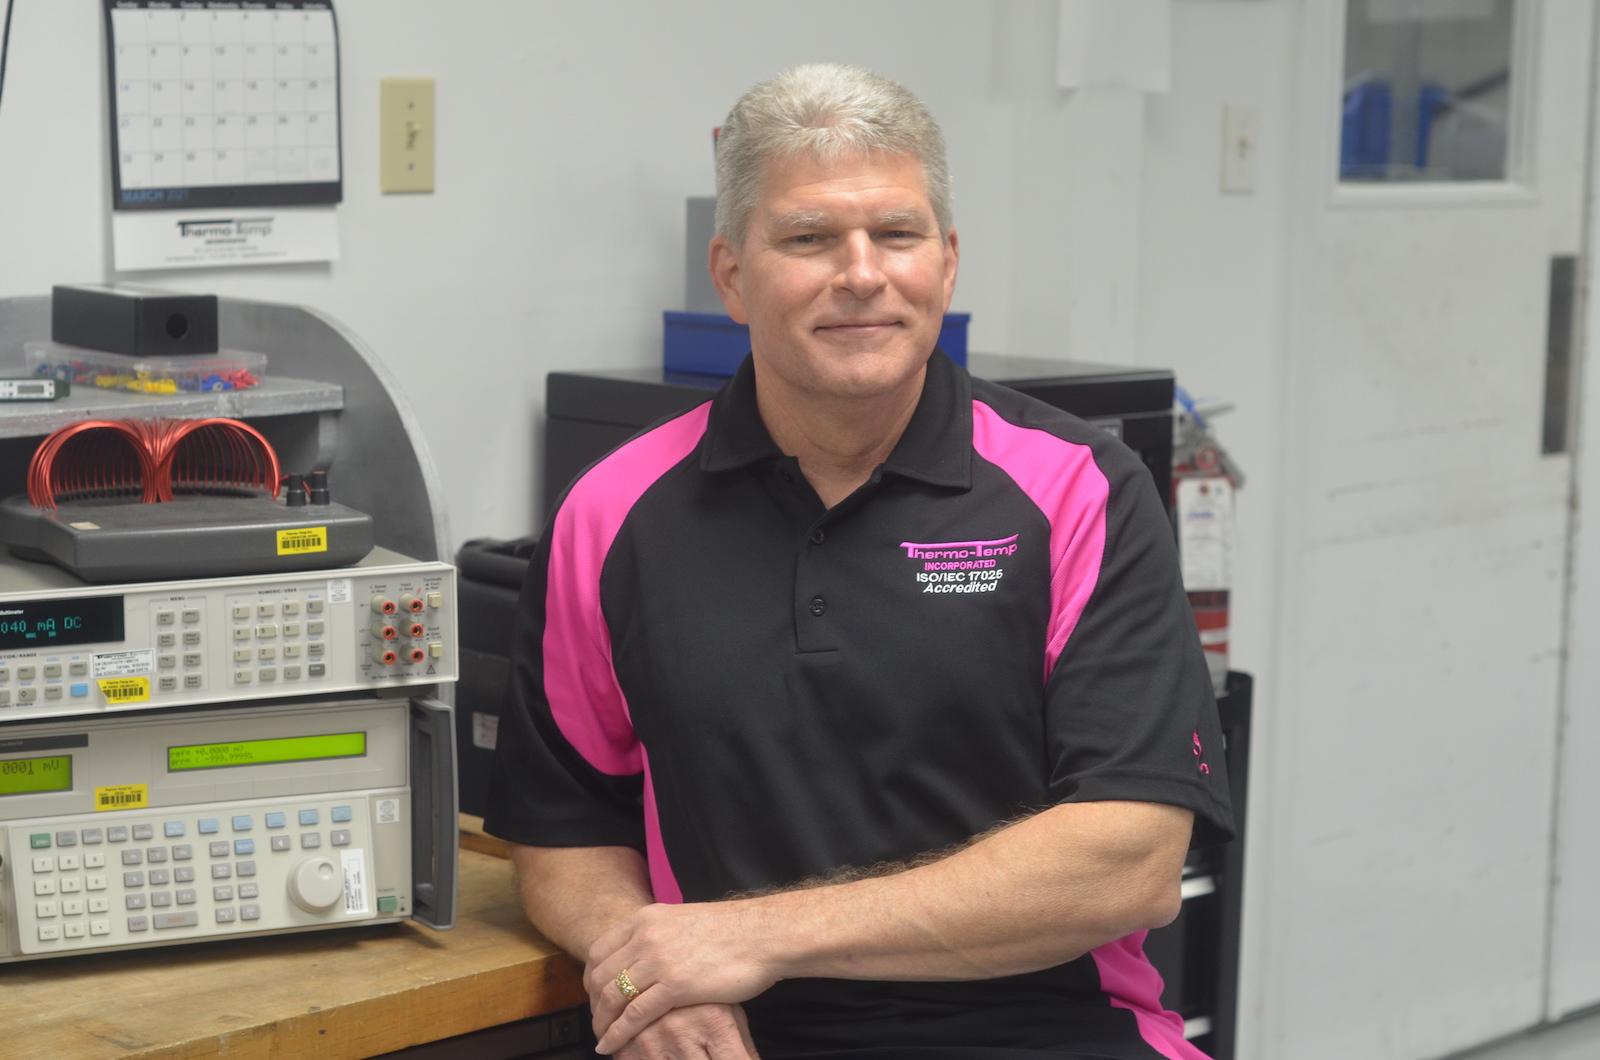 ThermoTemp Inc CEO Chuck Osterhaus